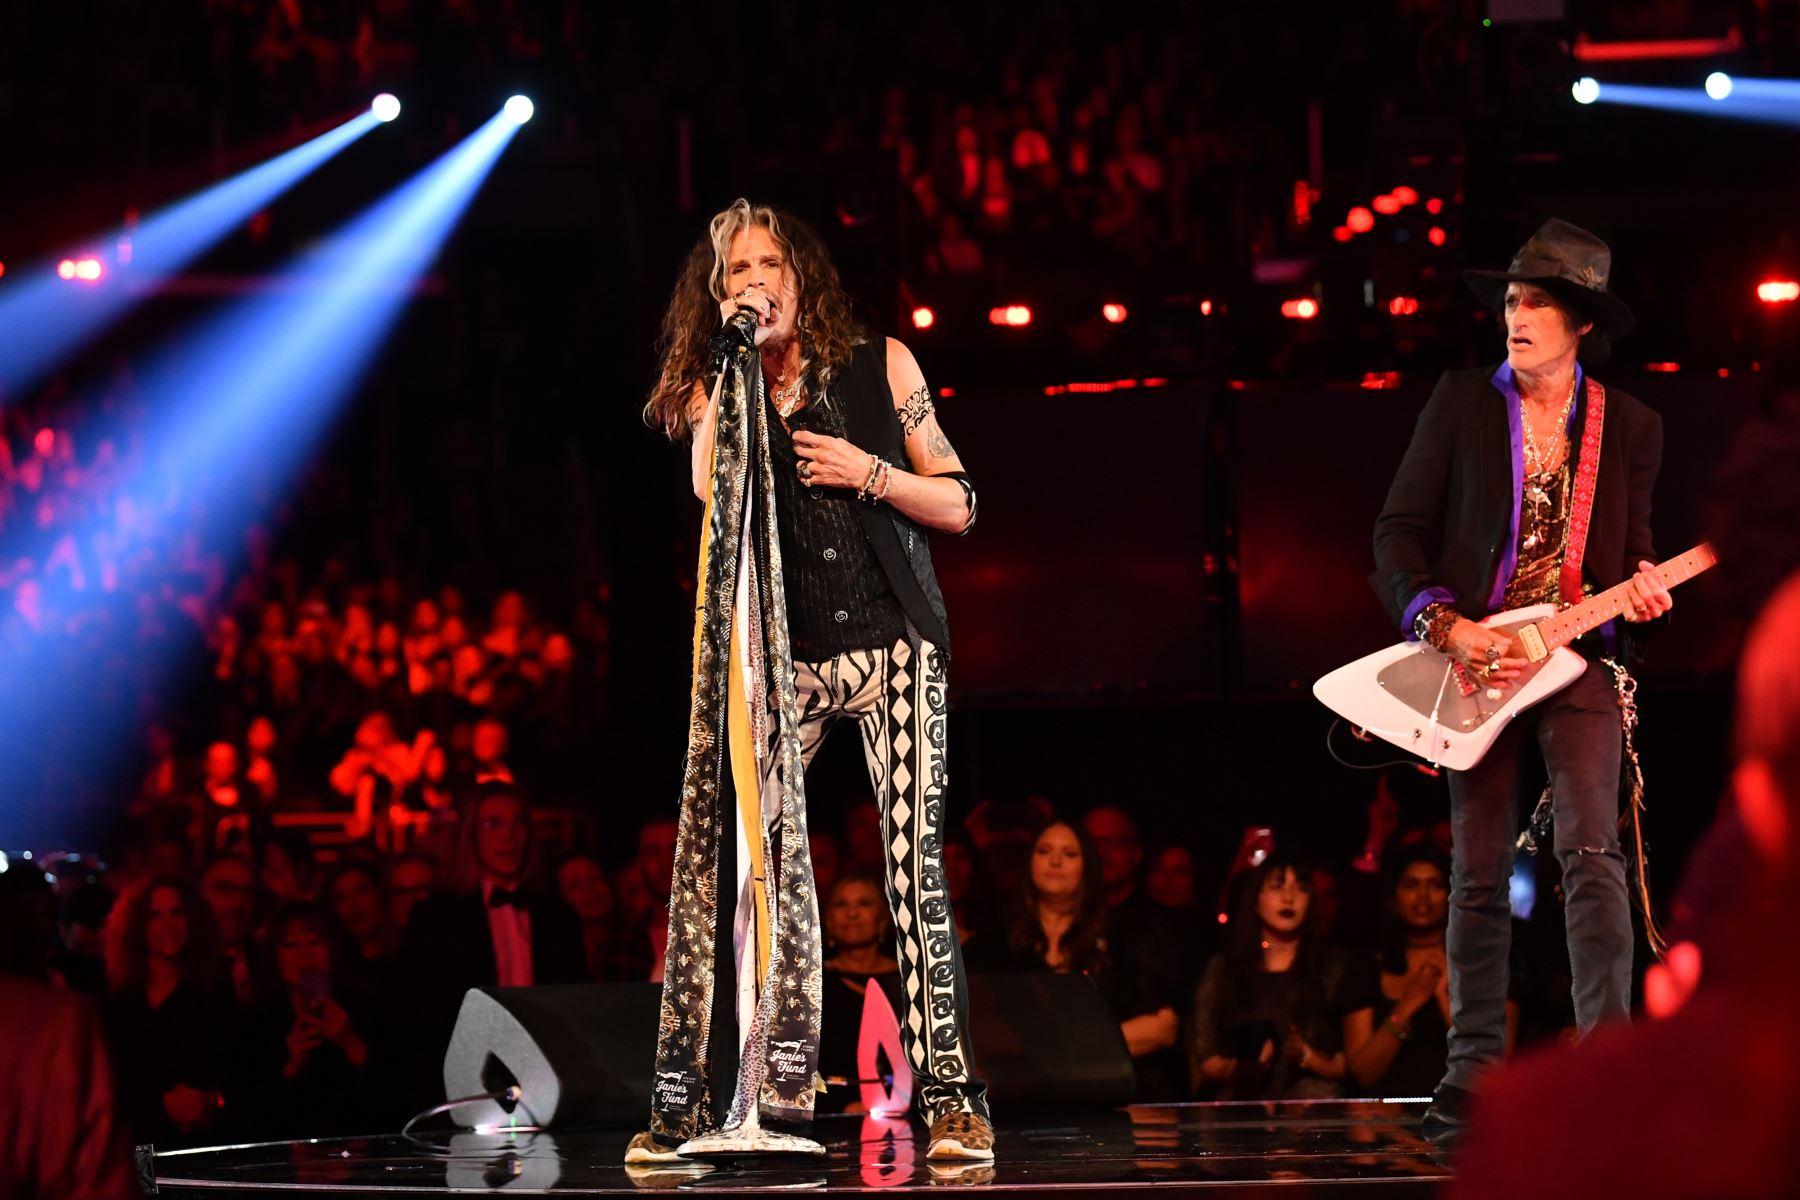 Steven Tyler y Joe Perry de Aerosmith se presentan en el escenario durante la 62a Entrega Anual de los Premios GRAMMY en Los Ángeles, California.  Foto: AFP